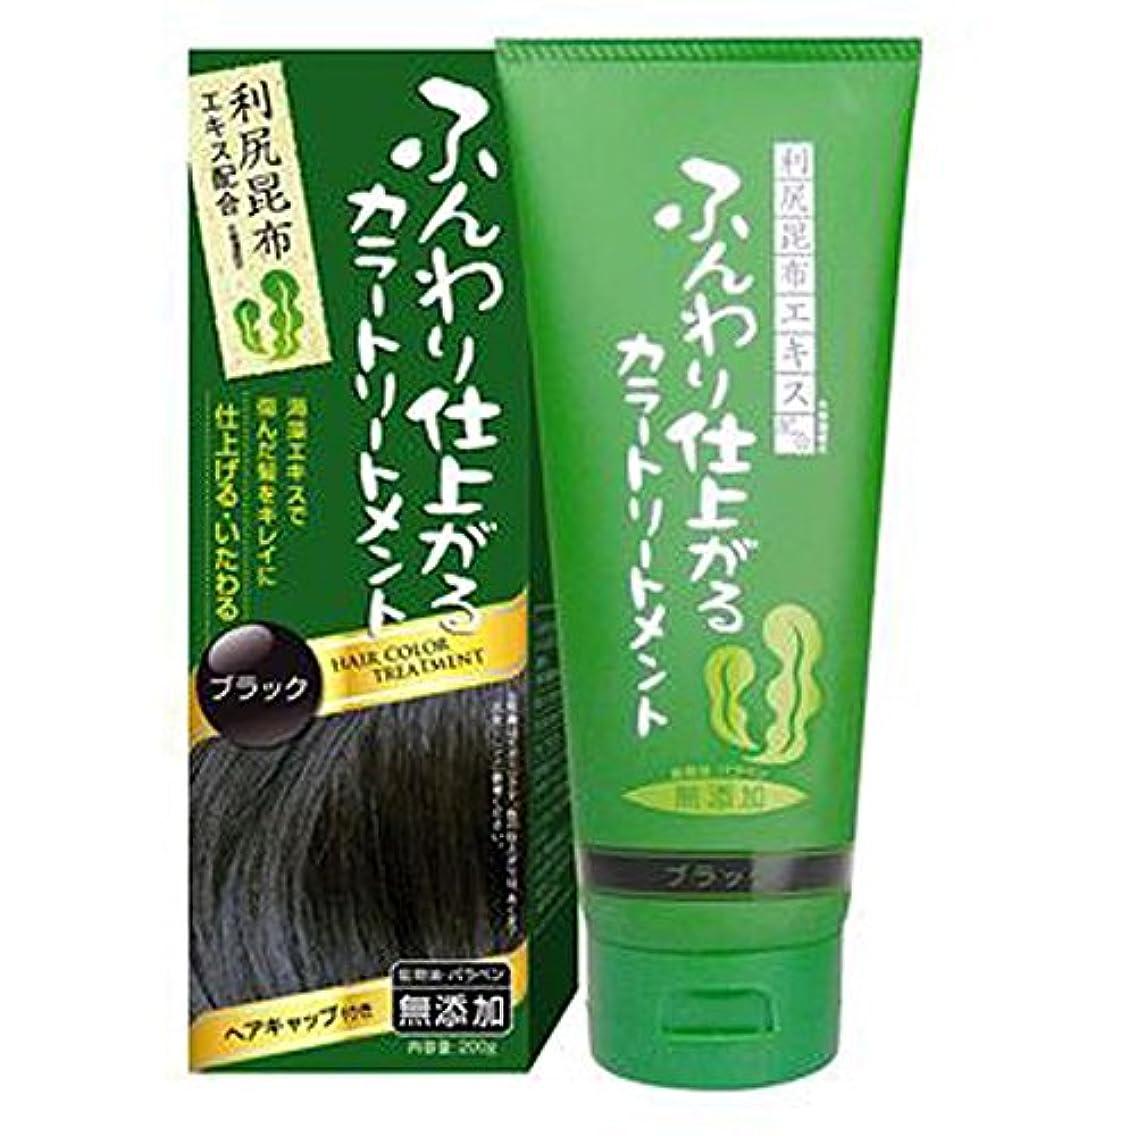 作成者議論する工業用ふんわり仕上がるカラートリートメント 白髪 染め 保湿 利尻昆布エキス配合 ヘアカラー (200g ブラック) rishiri-haircolor-200g-blk